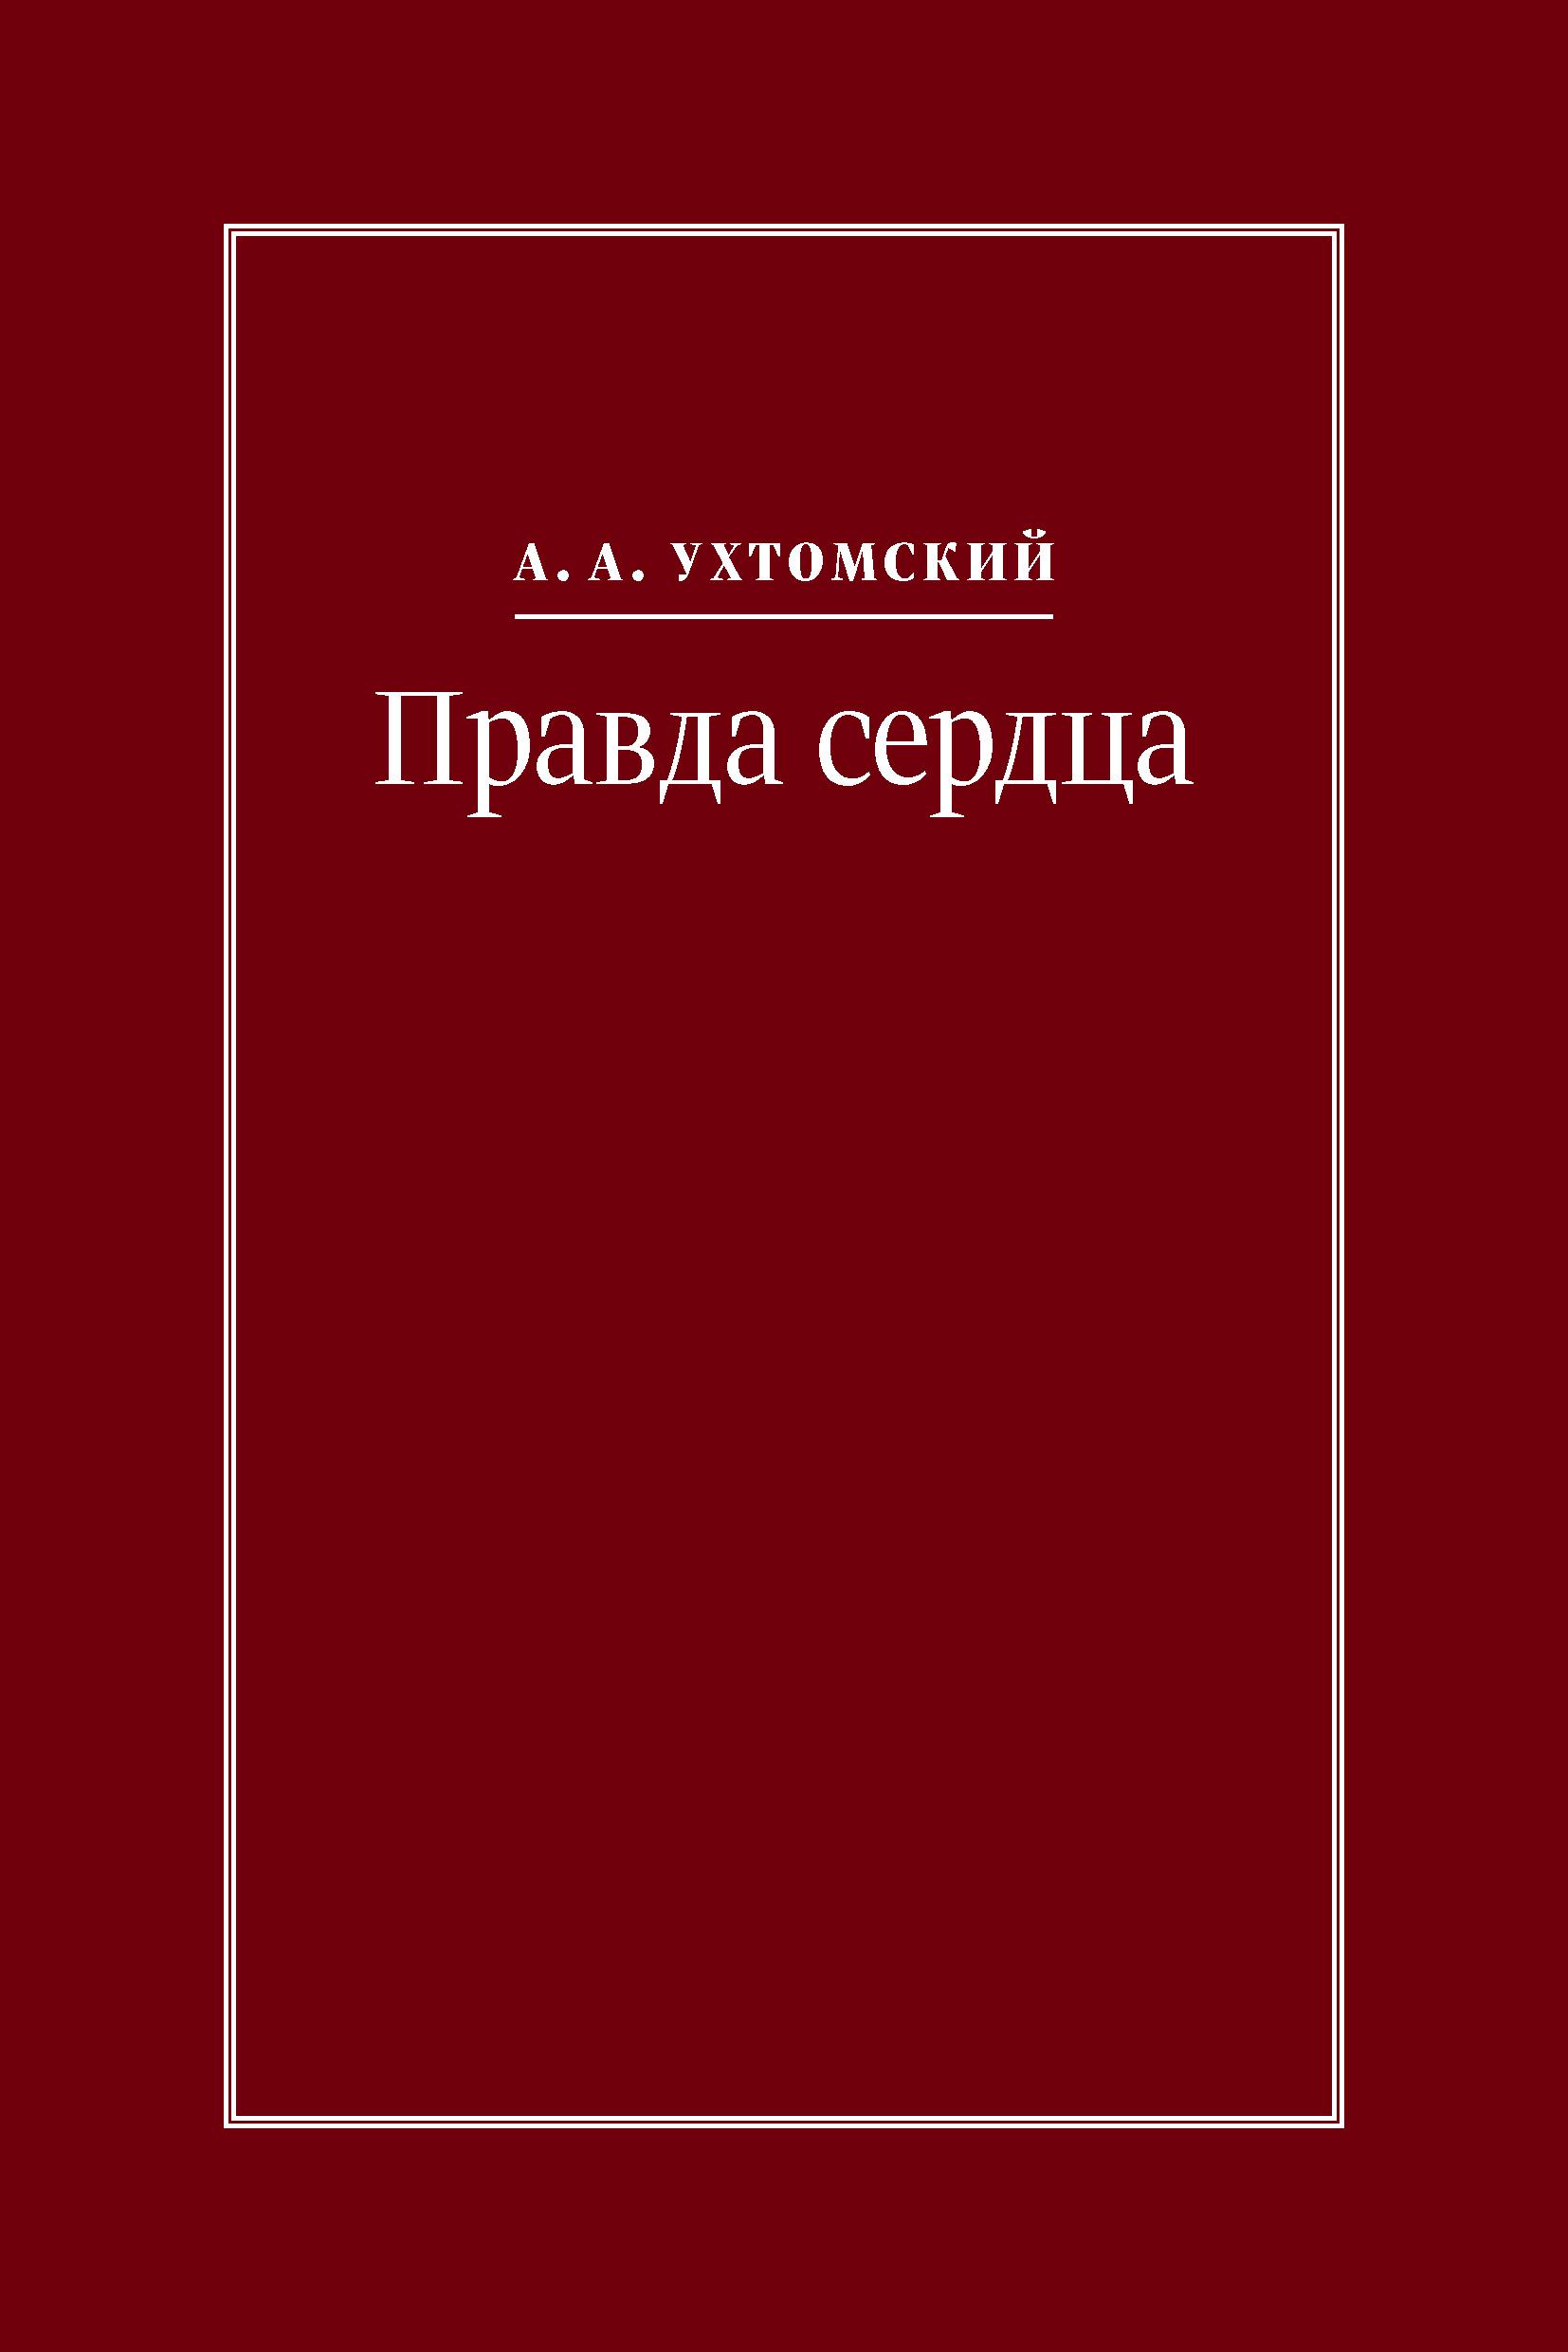 Алексей Ухтомский Правда сердца. Письма к В. А. Платоновой (1906–1942) письма любви